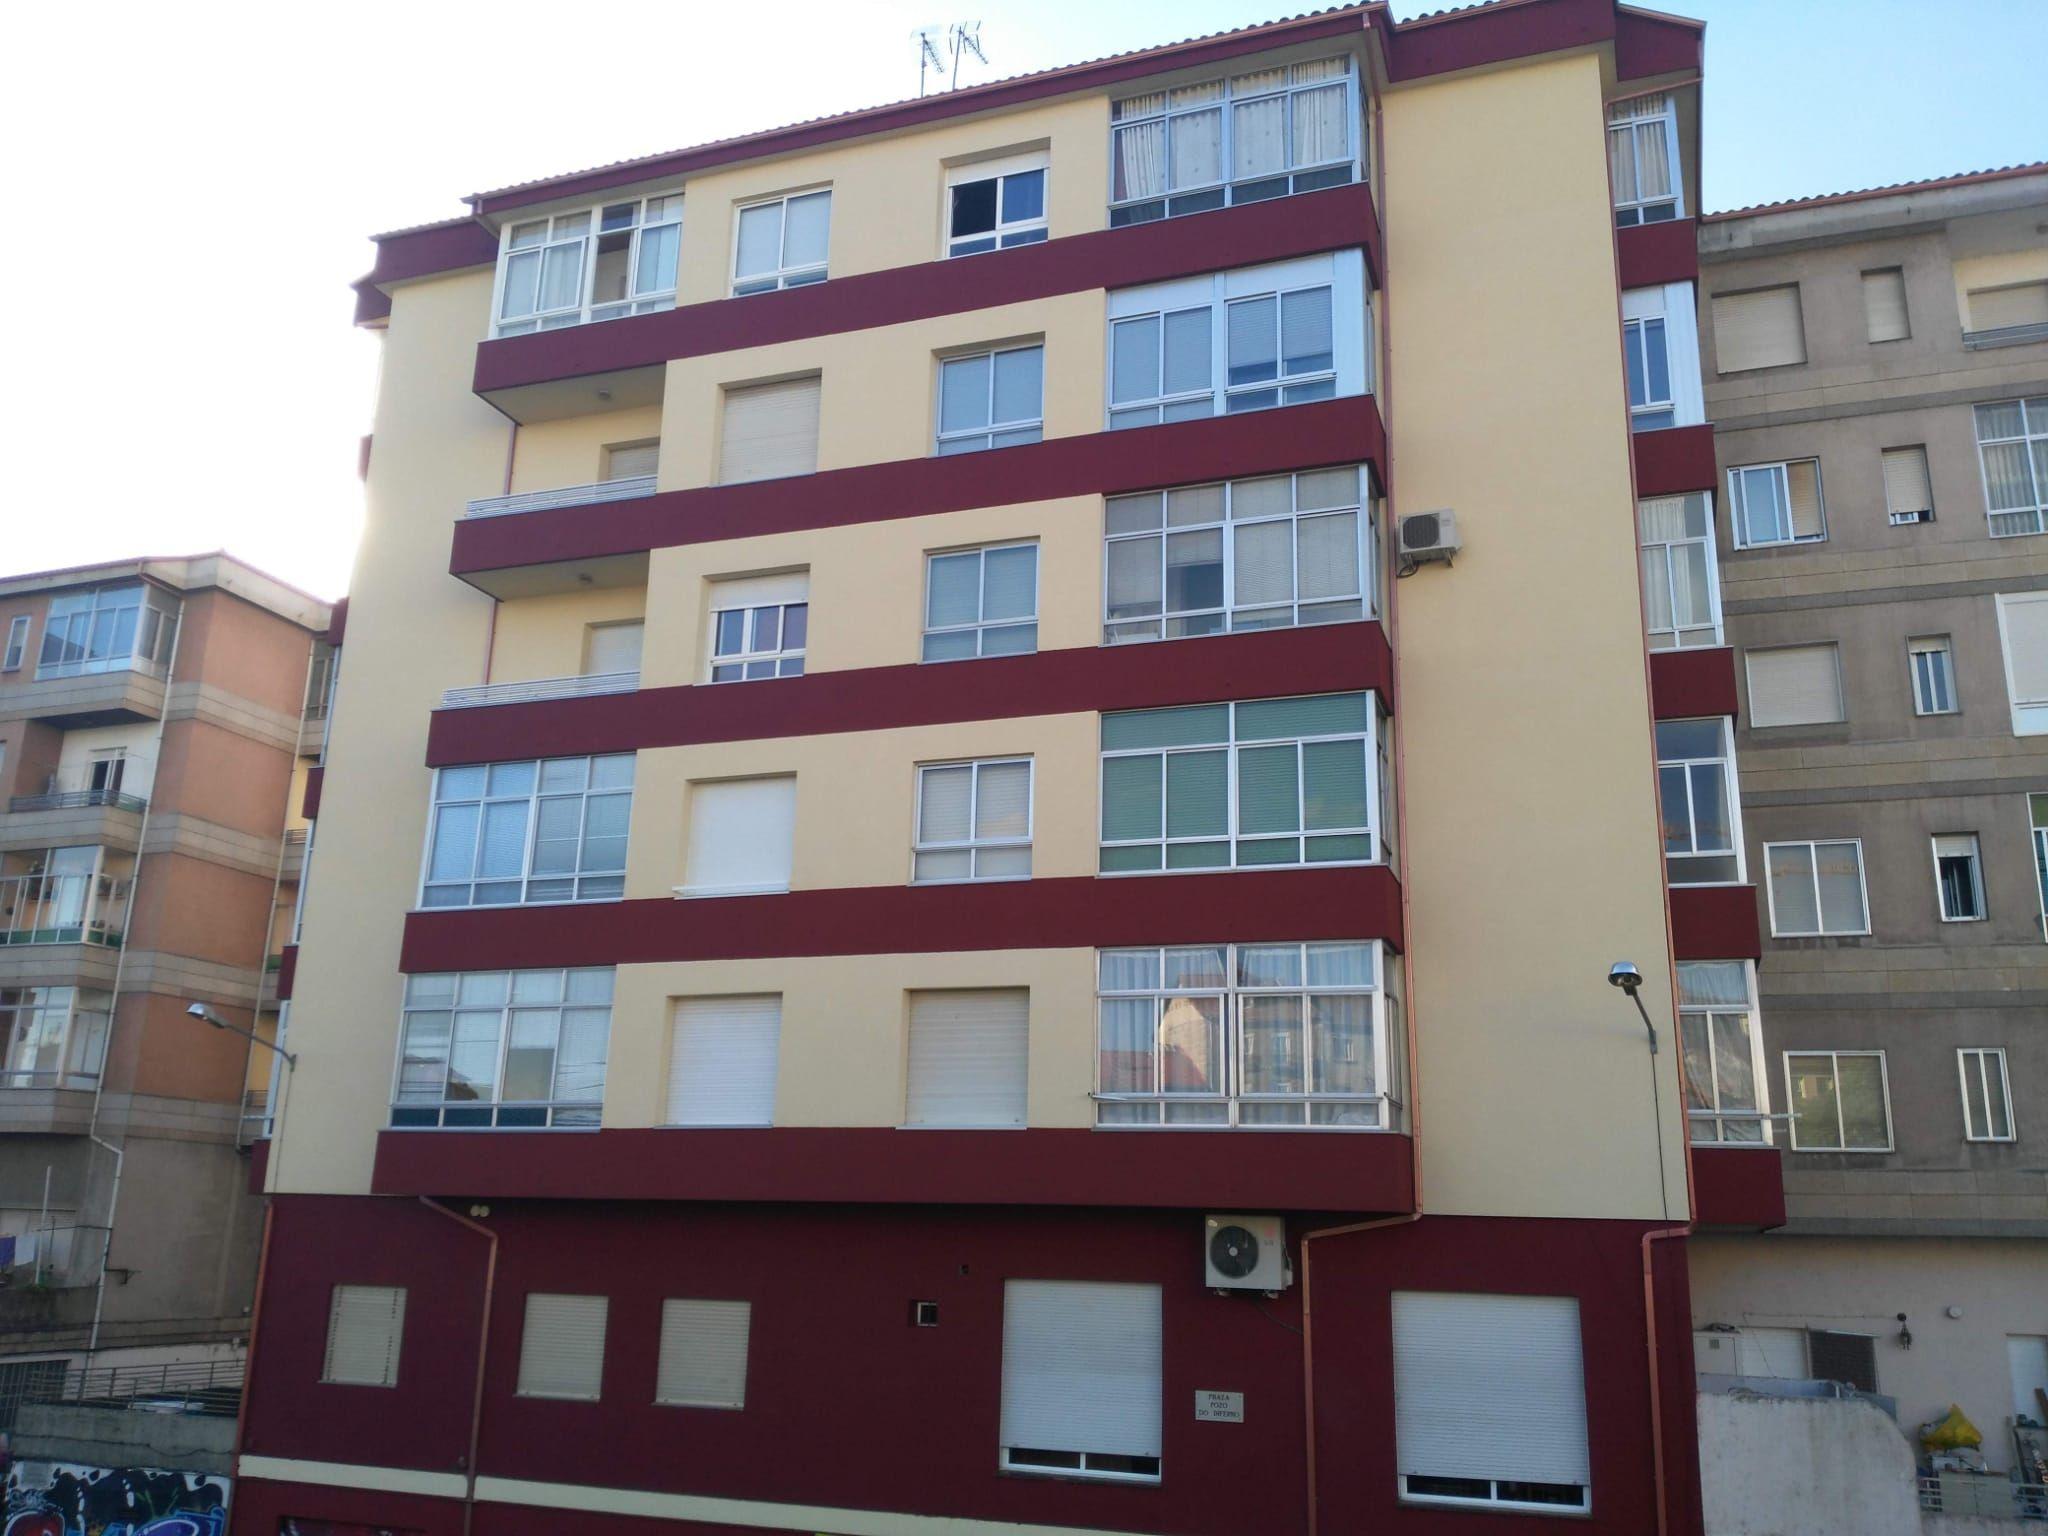 Rehabilitación integral de fachadas en Ourense